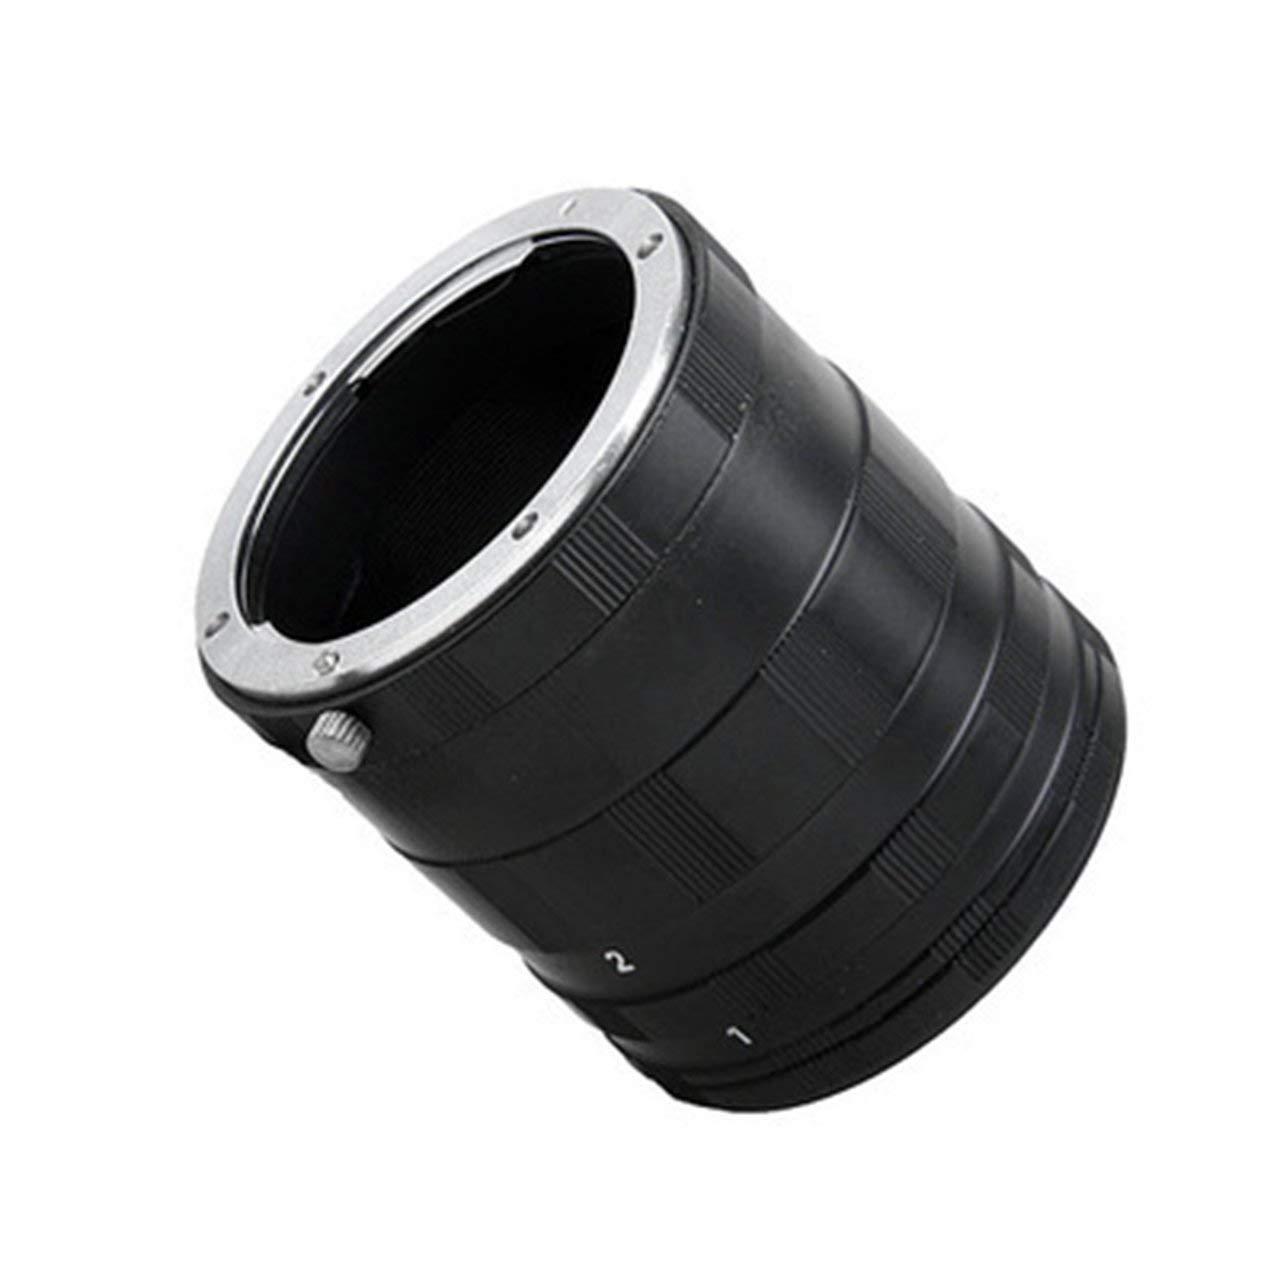 ITjasnyfall Anello Adattatore per prolunga Macro Adattatore Fotocamera per Obiettivo fotocameraDSLR Nero